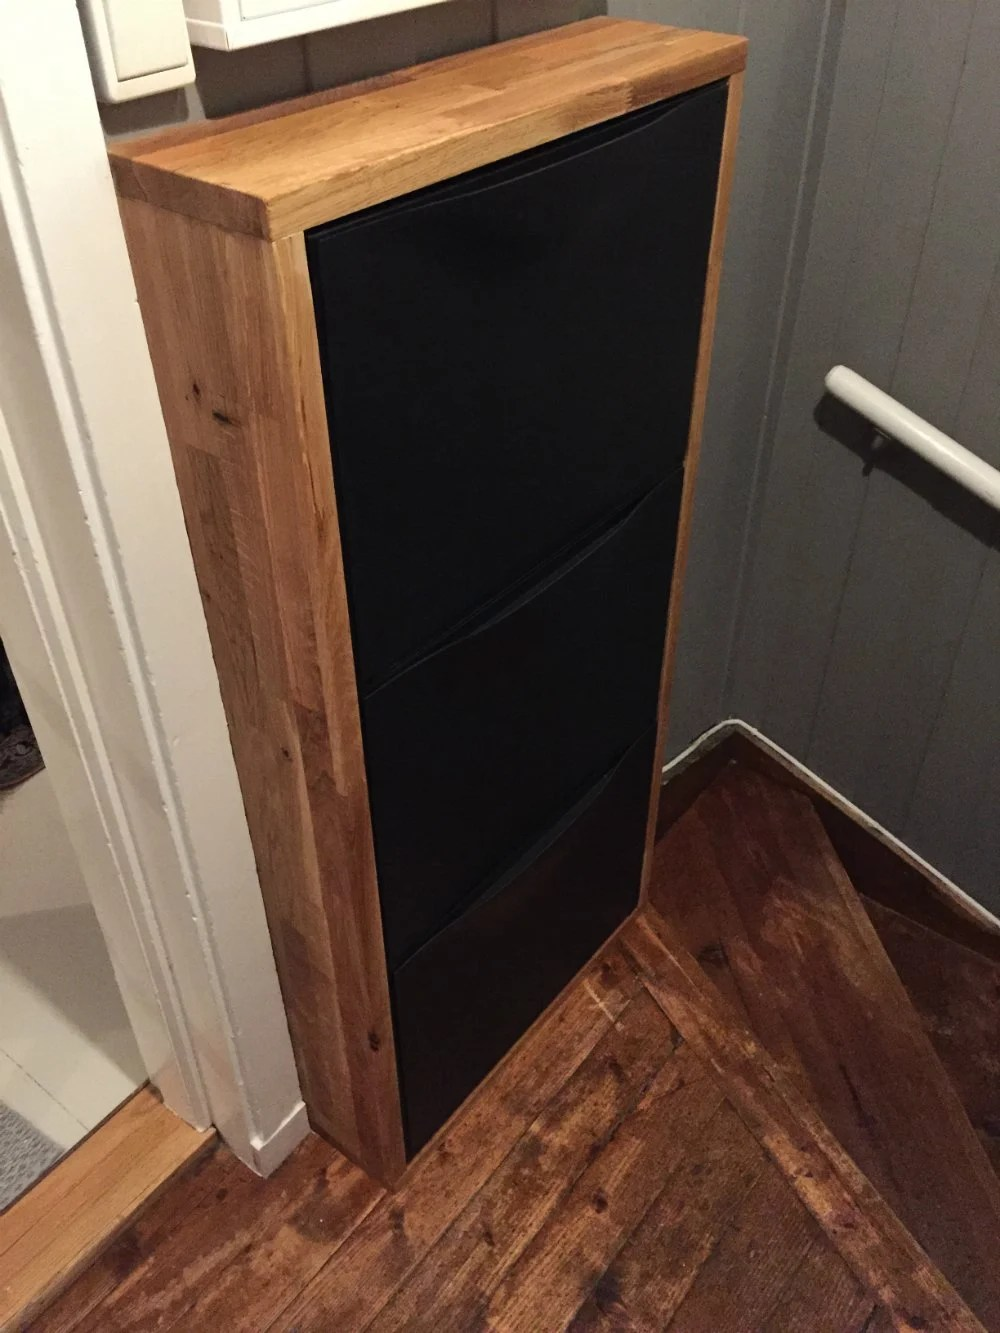 ikea kitchen rack transformations oak on trones shoe boxes - hackers